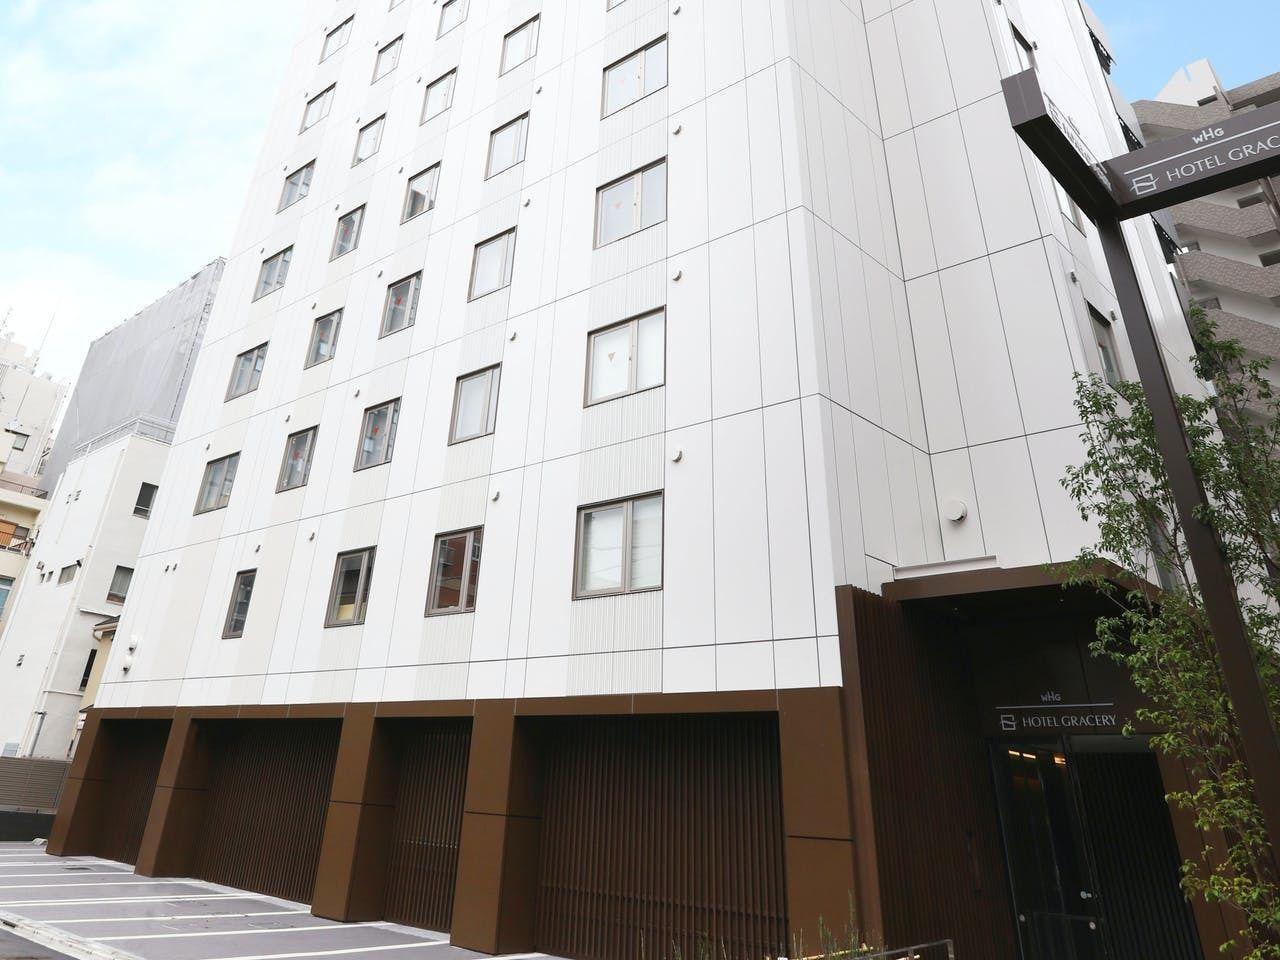 東京のおすすめ観光地62選!名所から最新穴場スポットまで必見の画像